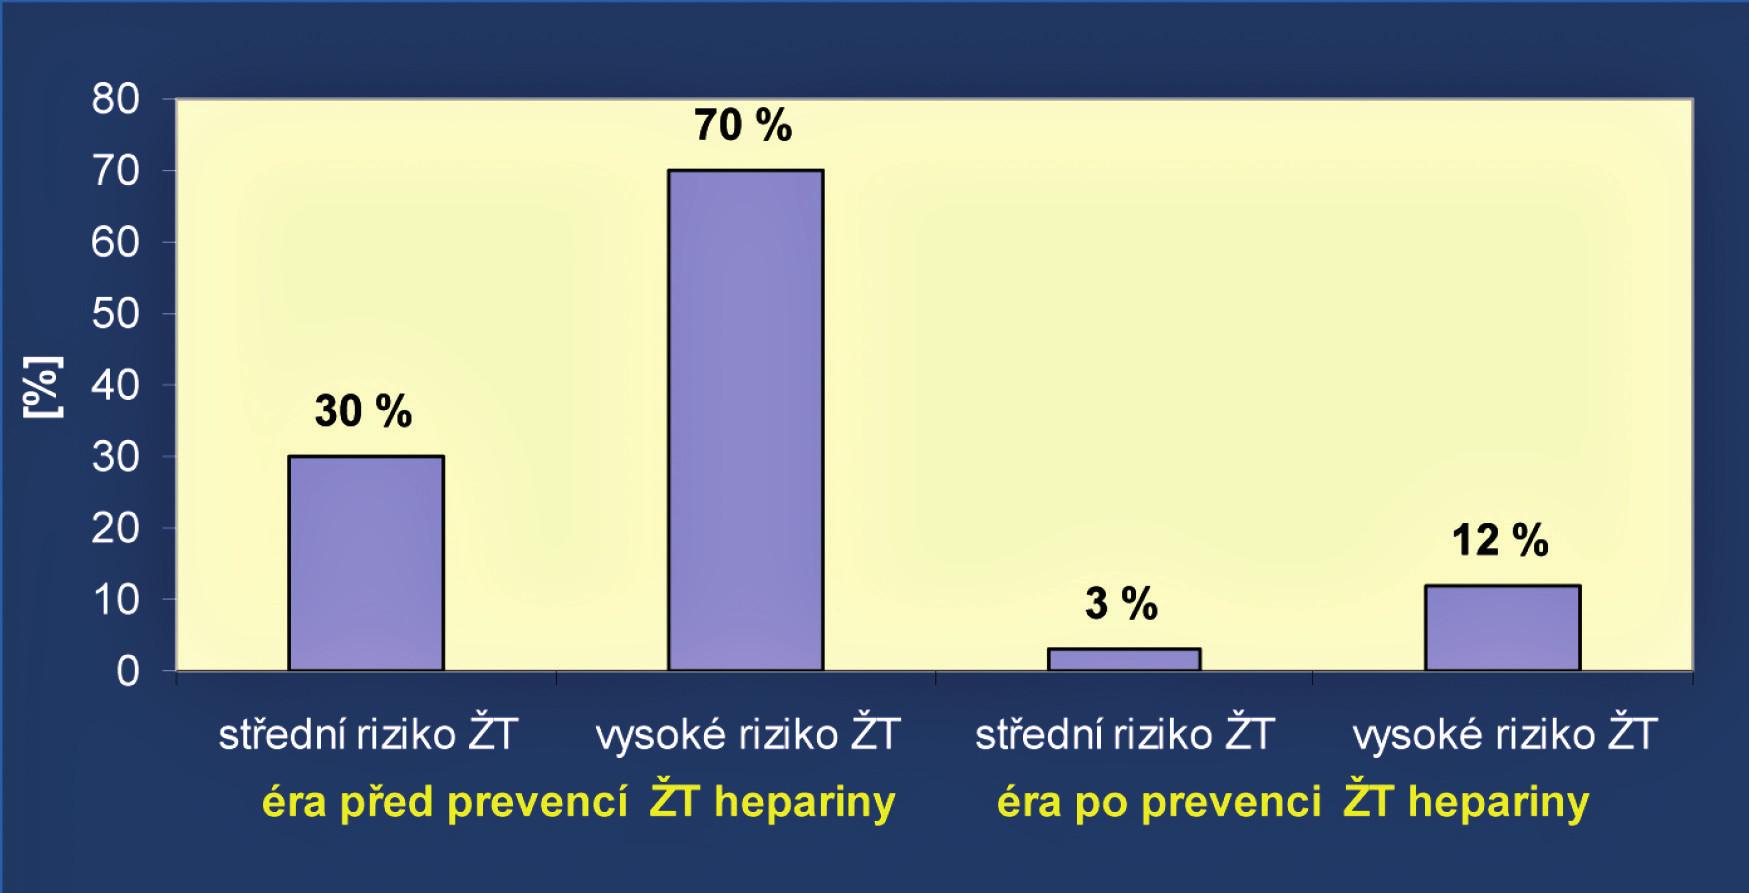 Výsledky antitrombotické profylaxe v chirurgii (upraveno podle J. Kvasničky<sup>6)</sup>